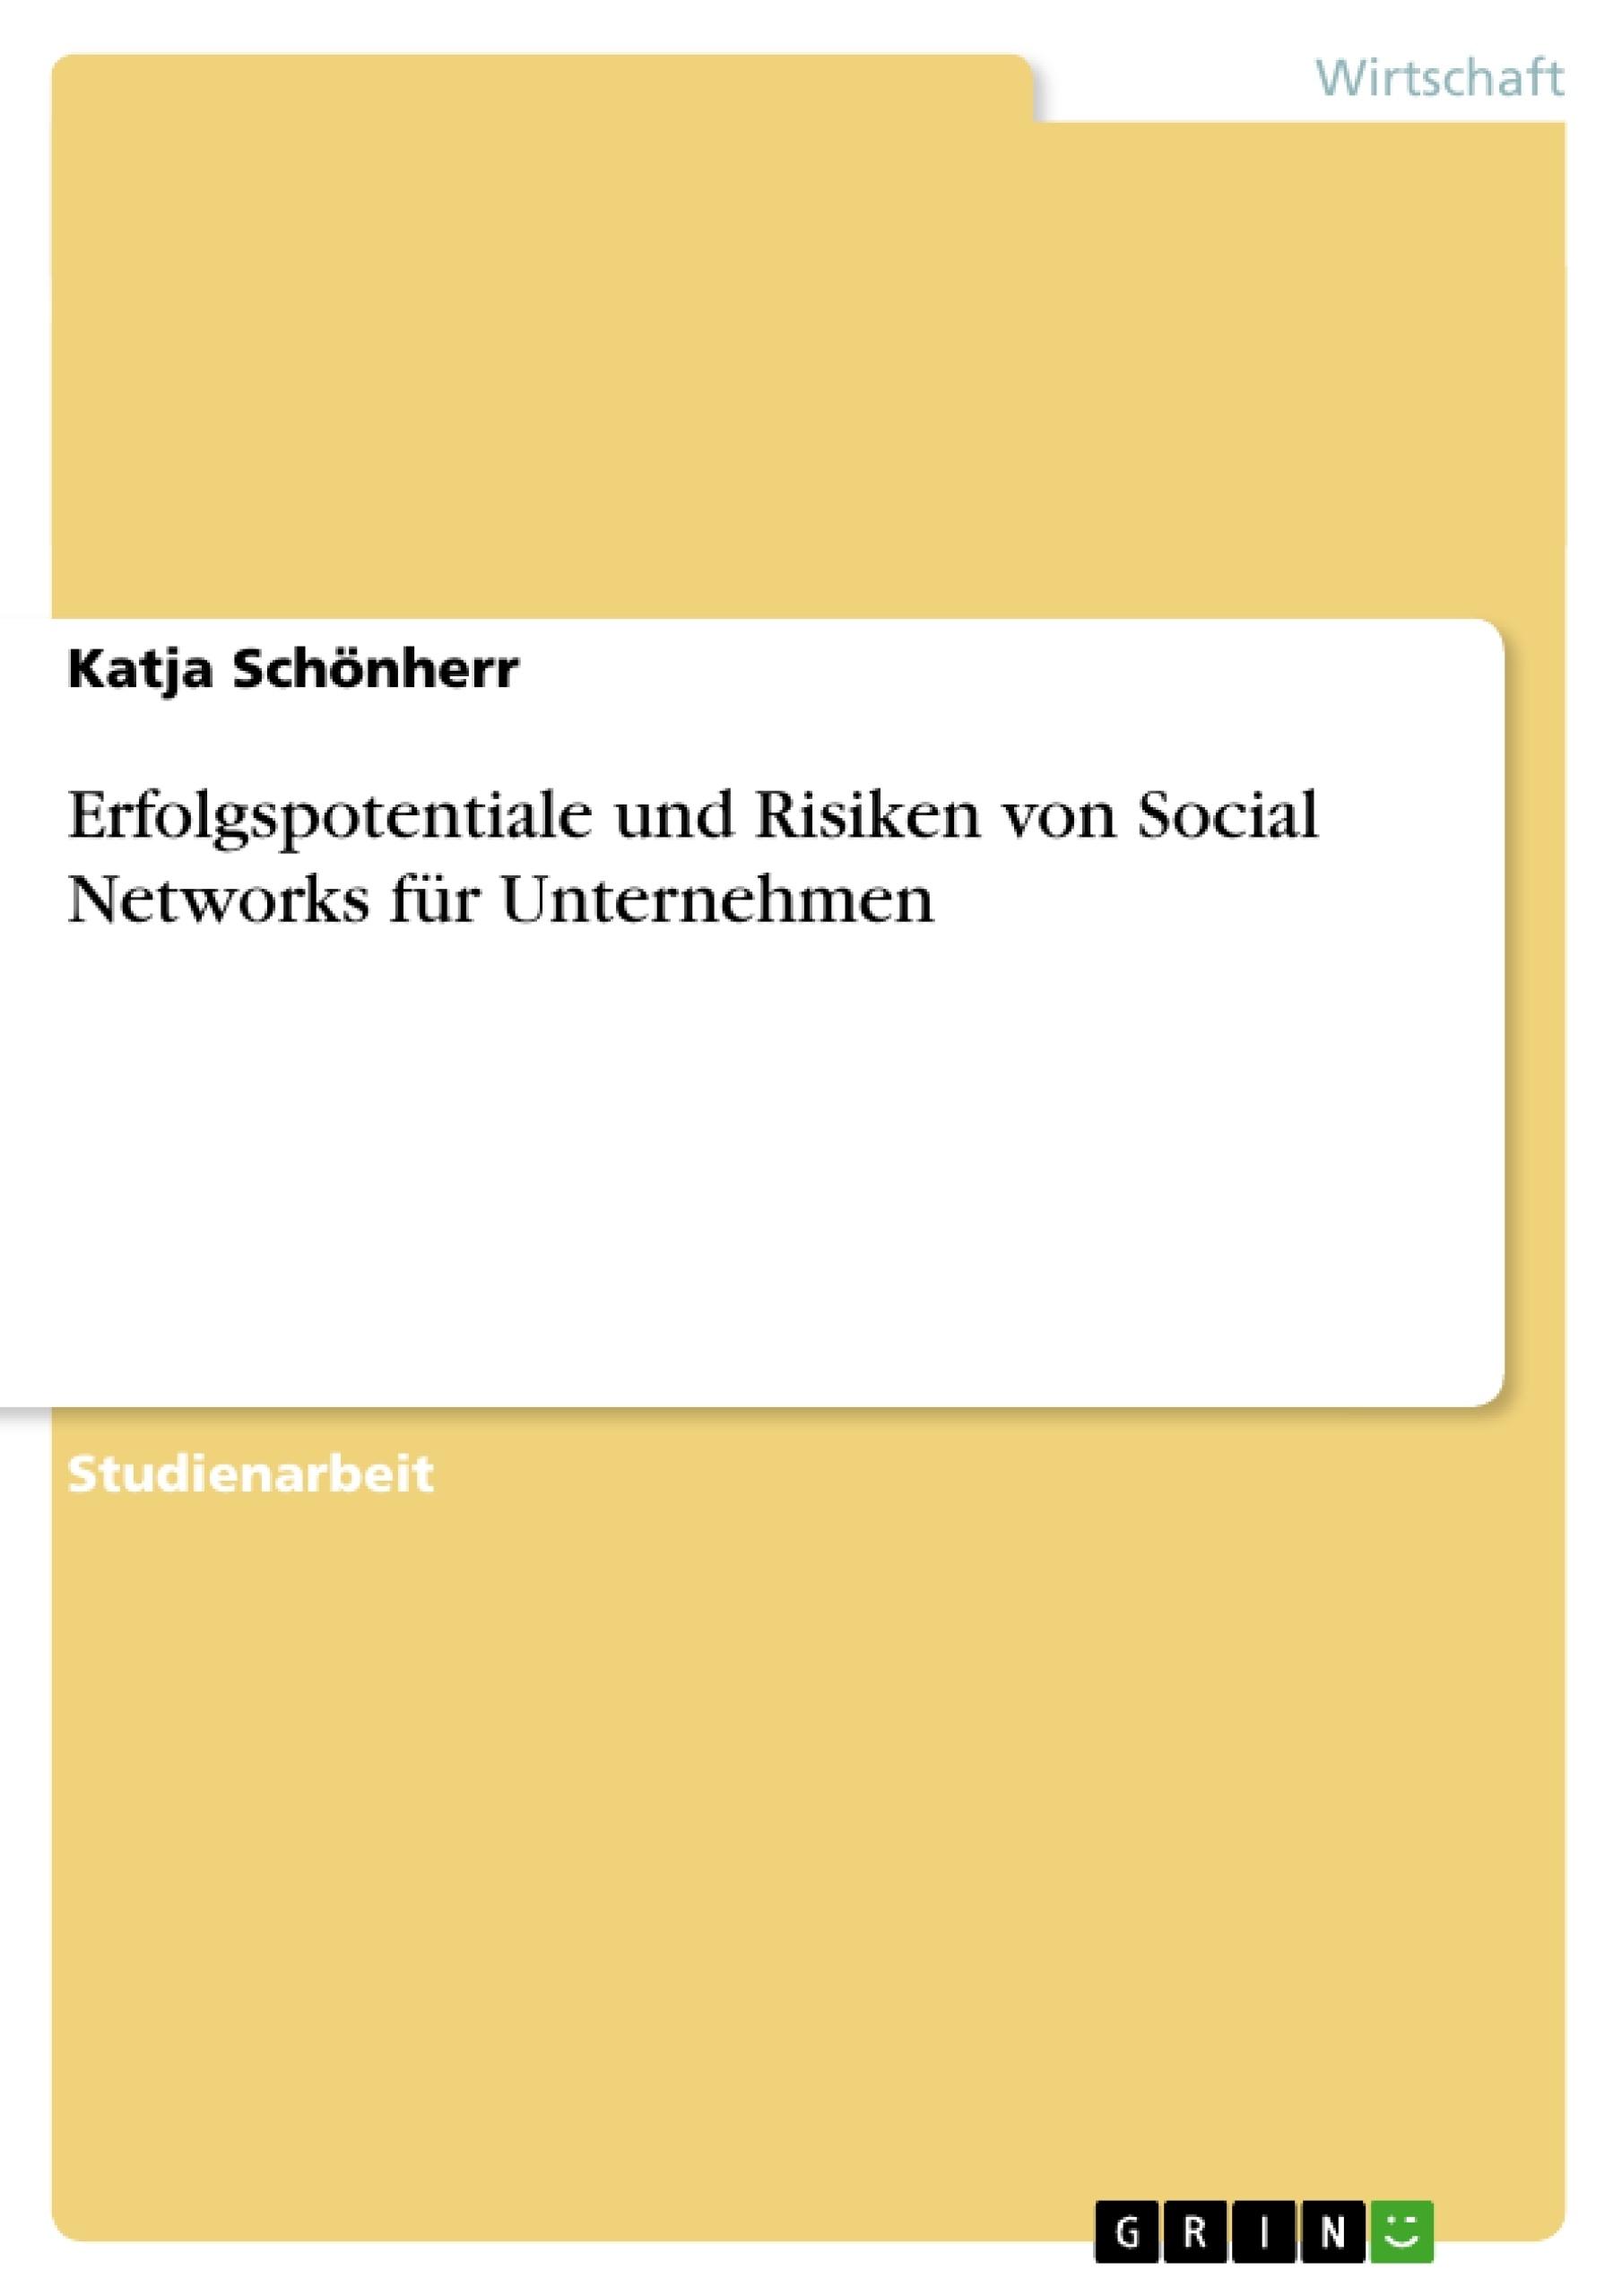 Titel: Erfolgspotentiale und Risiken von Social Networks für Unternehmen